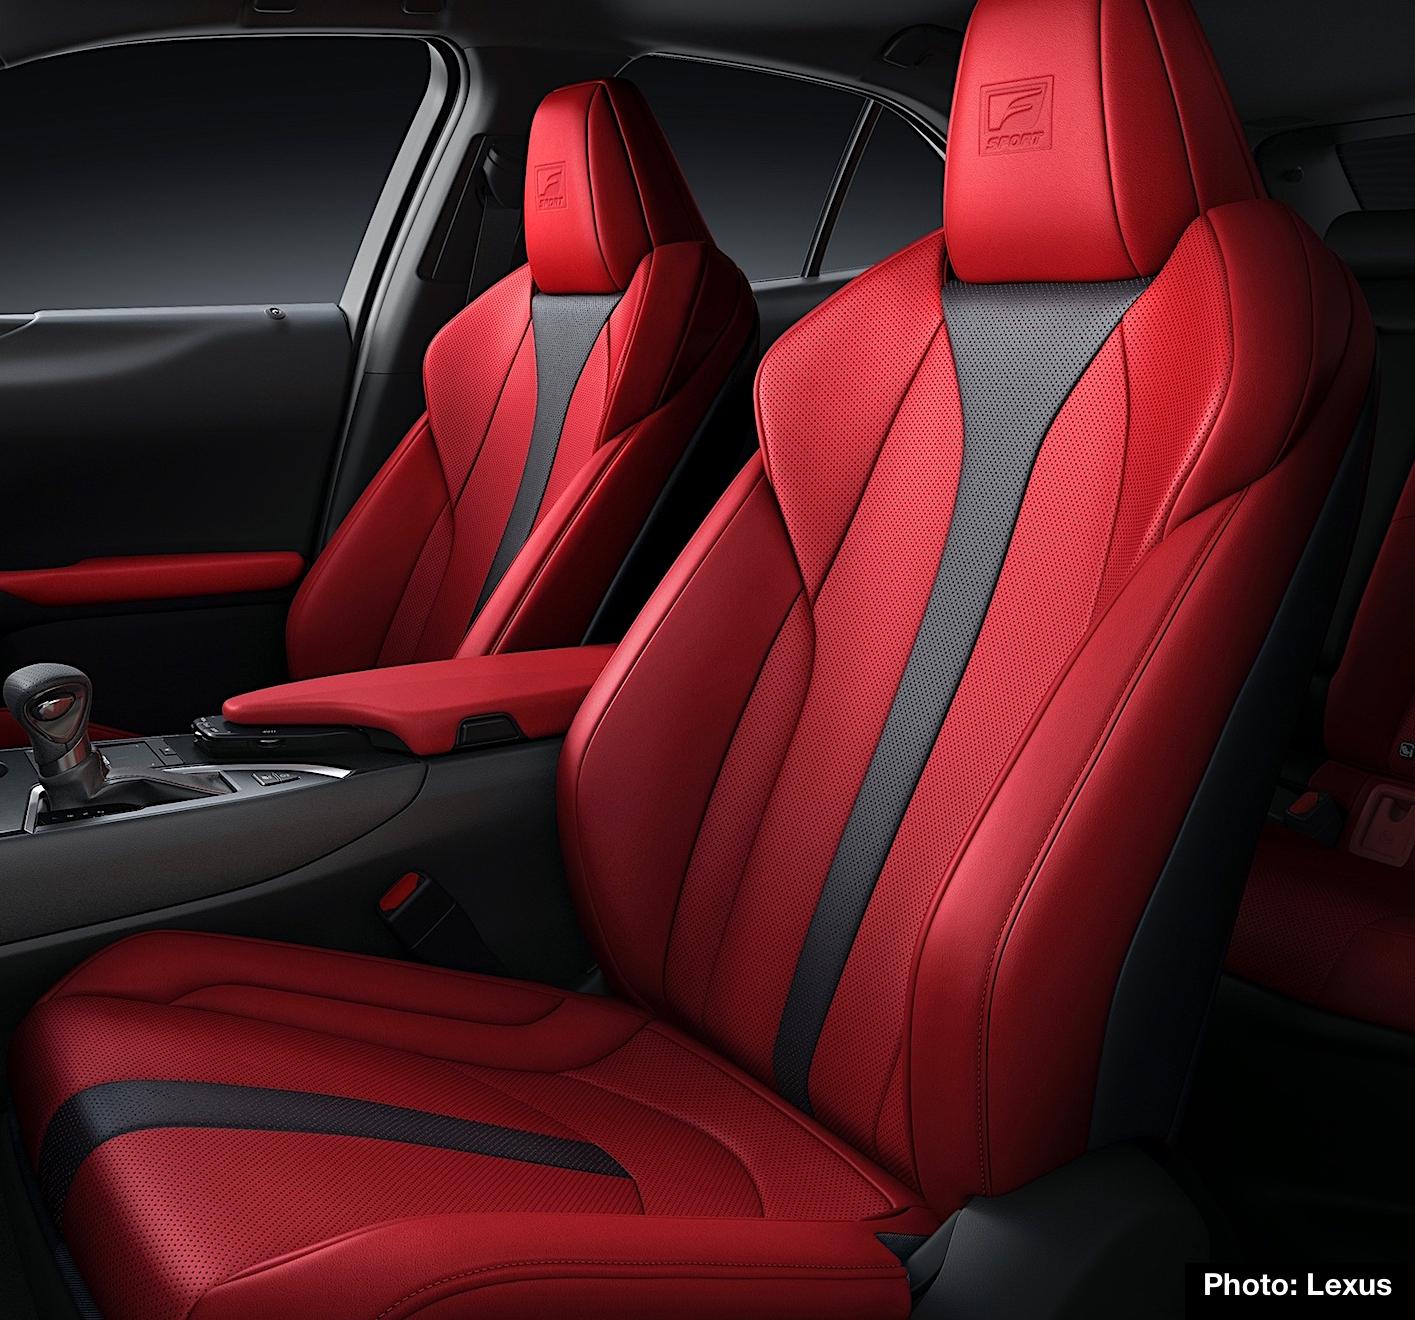 Lexus Sport: 2019 Lexus UX 250h F SPORT Preview